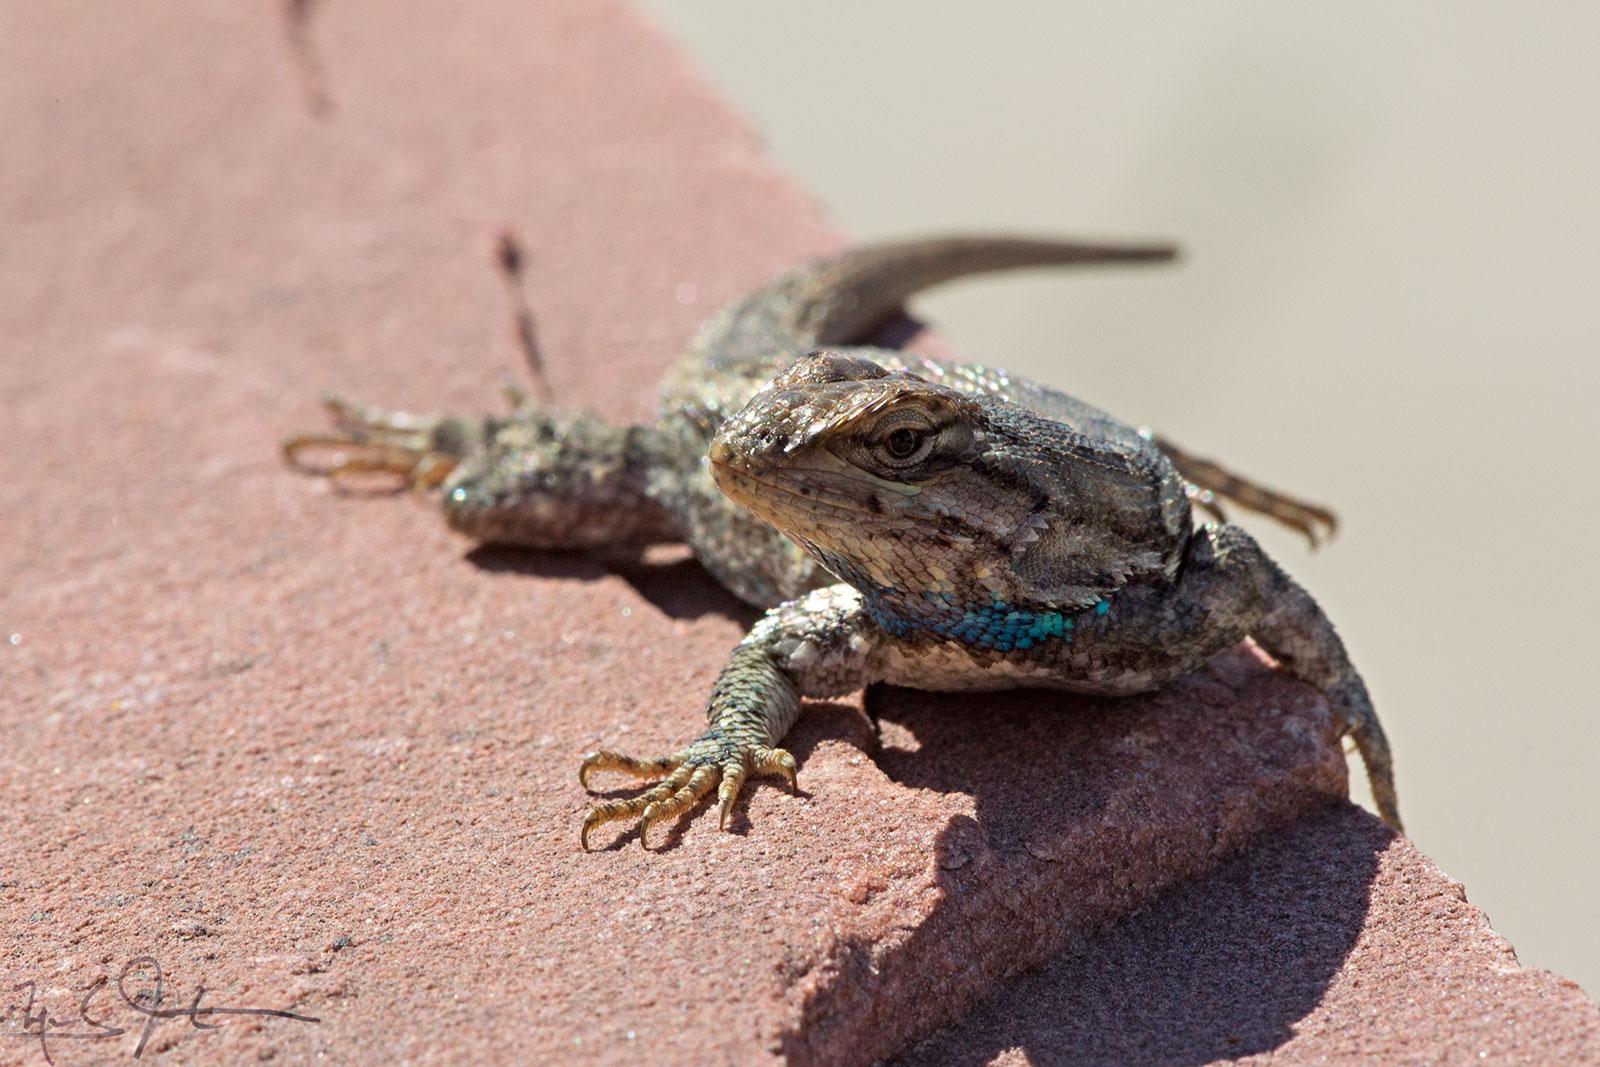 Fence lizard, Genus  Sceloporus .